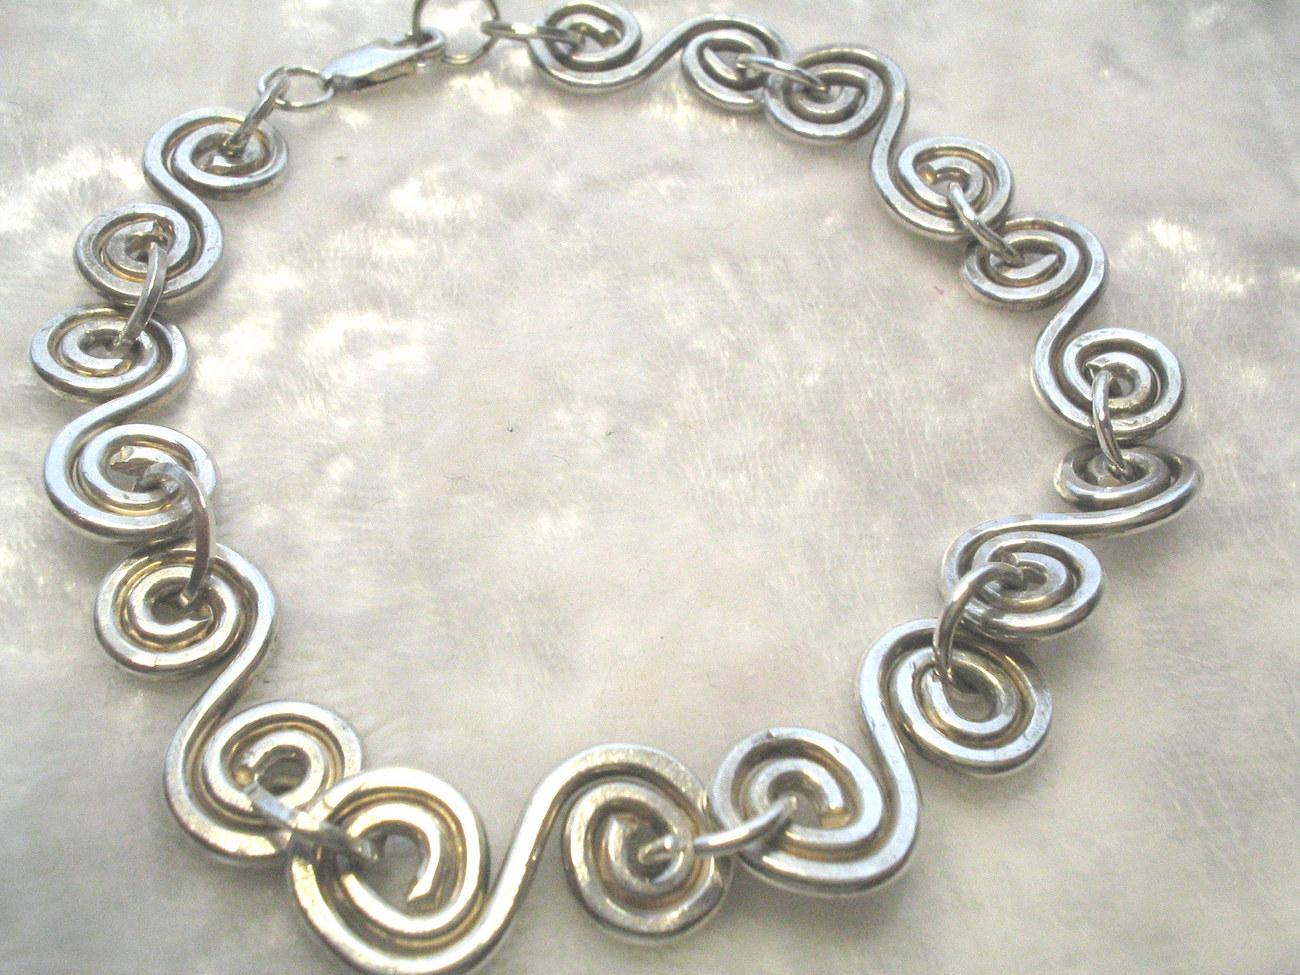 Swirl brace